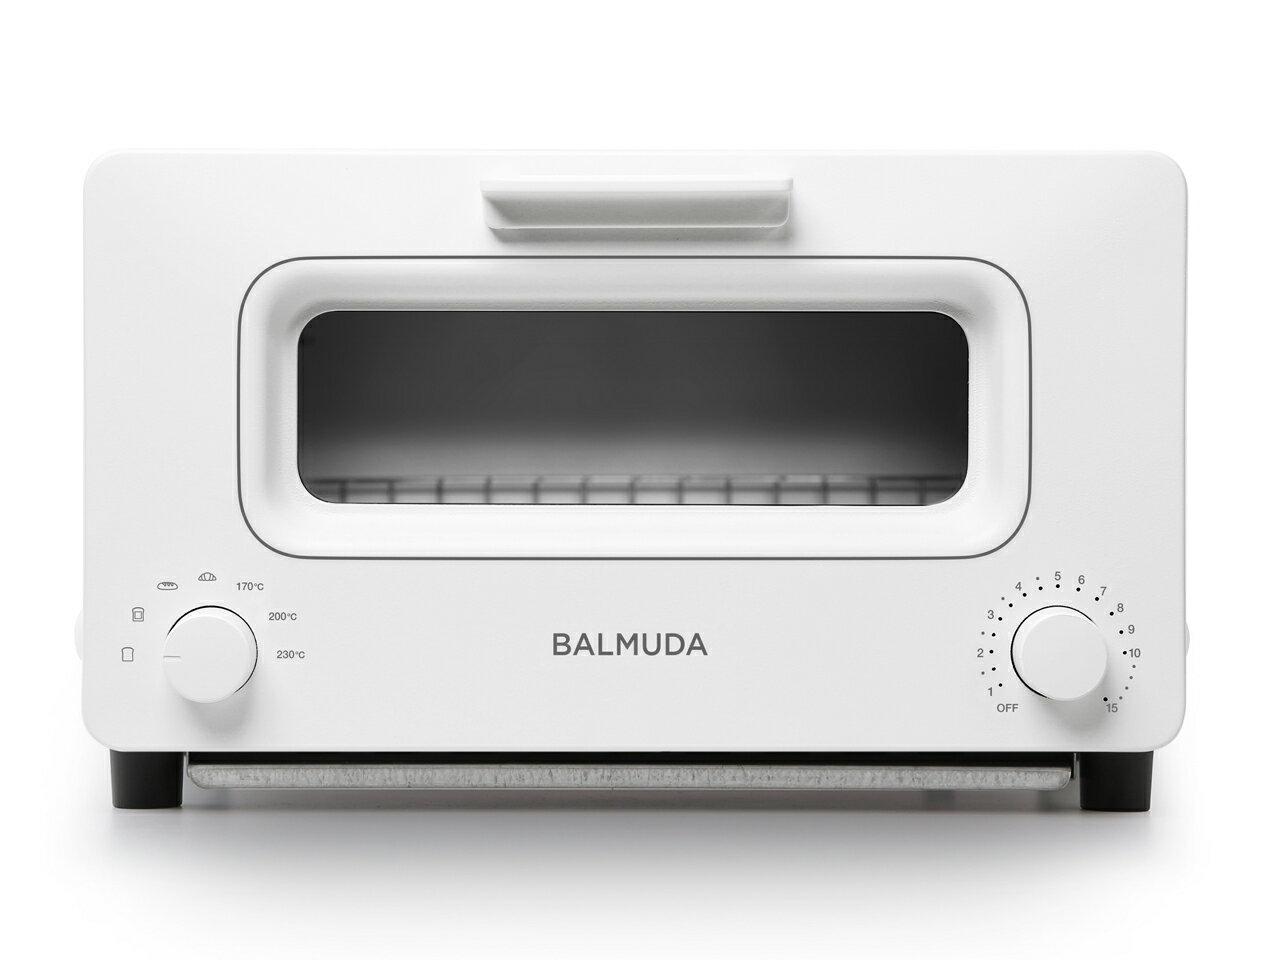 (在庫あり:5/24入荷予定)バルミューダ K01E-WS スチームオーブントースター(ホワイト)「BALMUDA The Toaster」